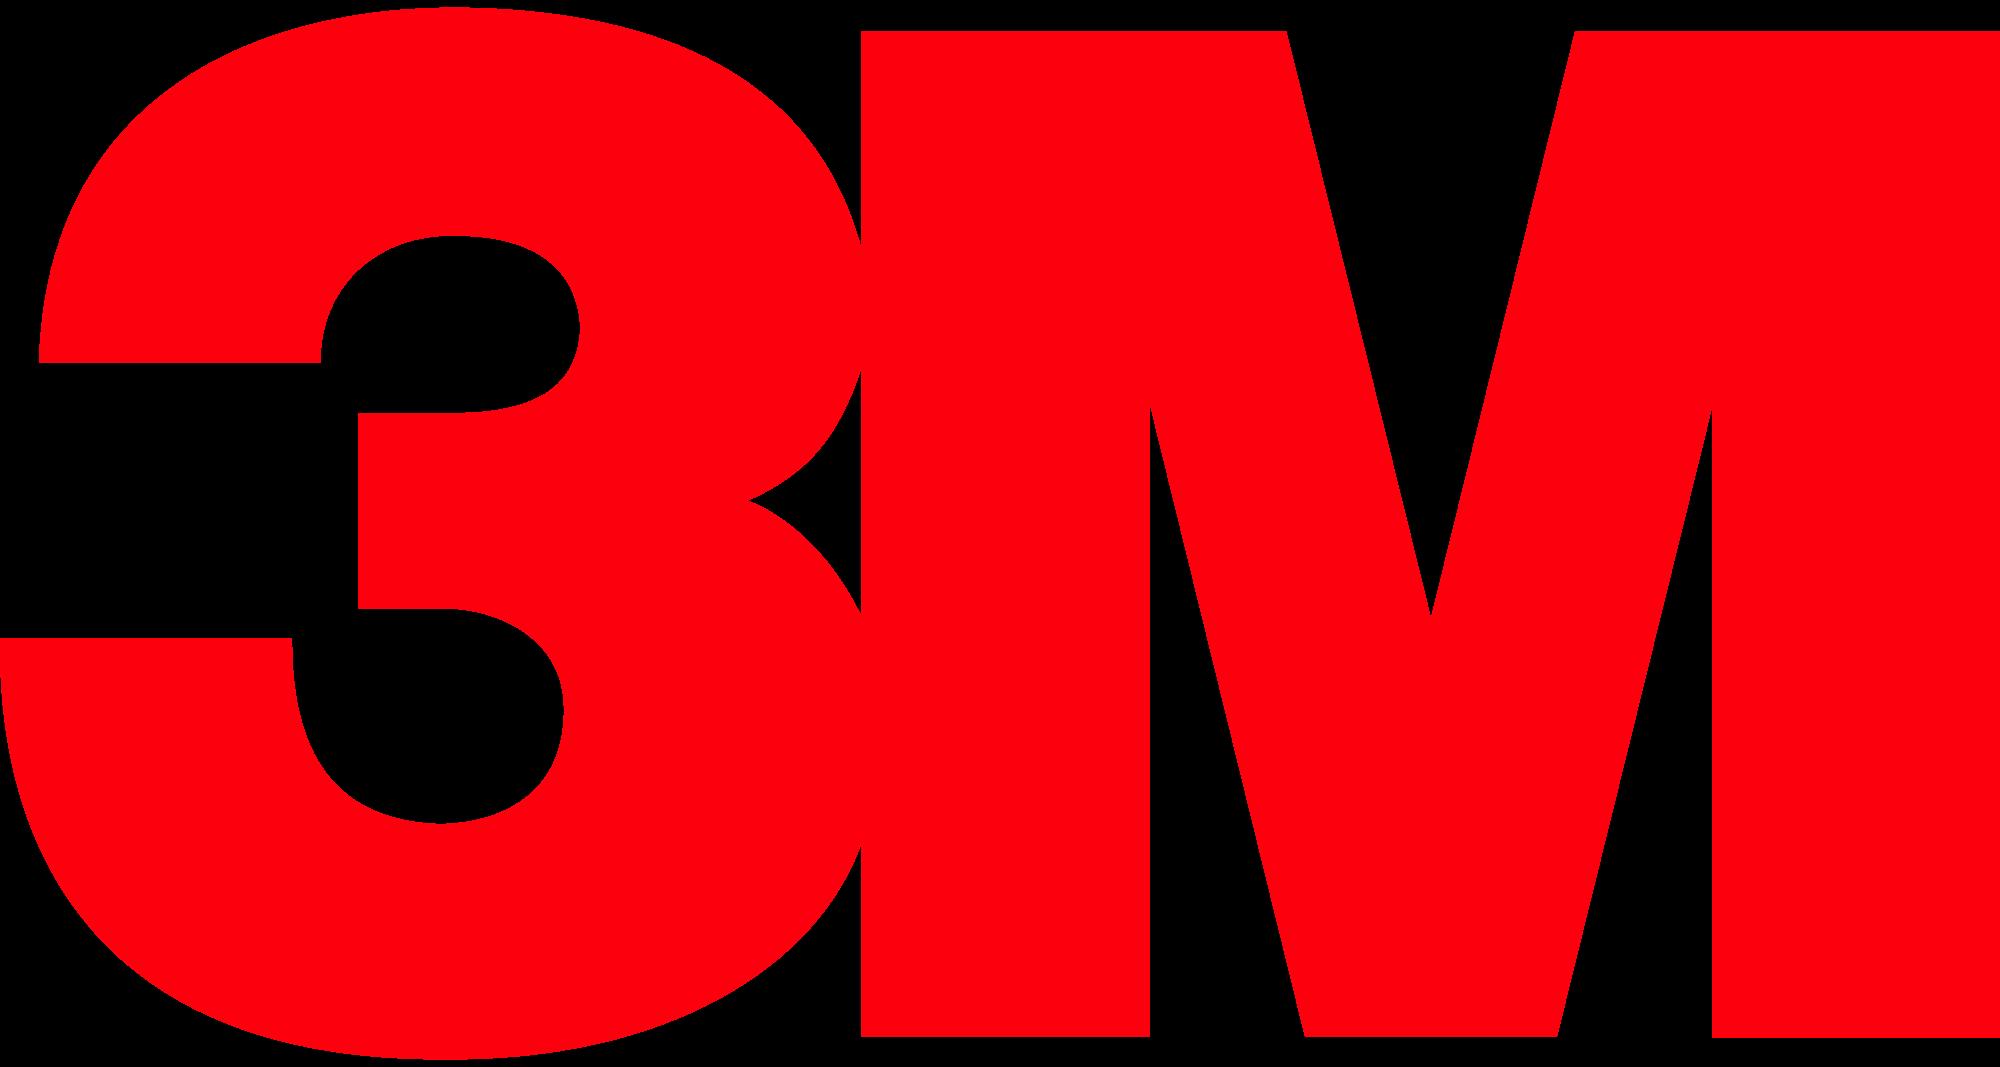 3m-logo-large.png